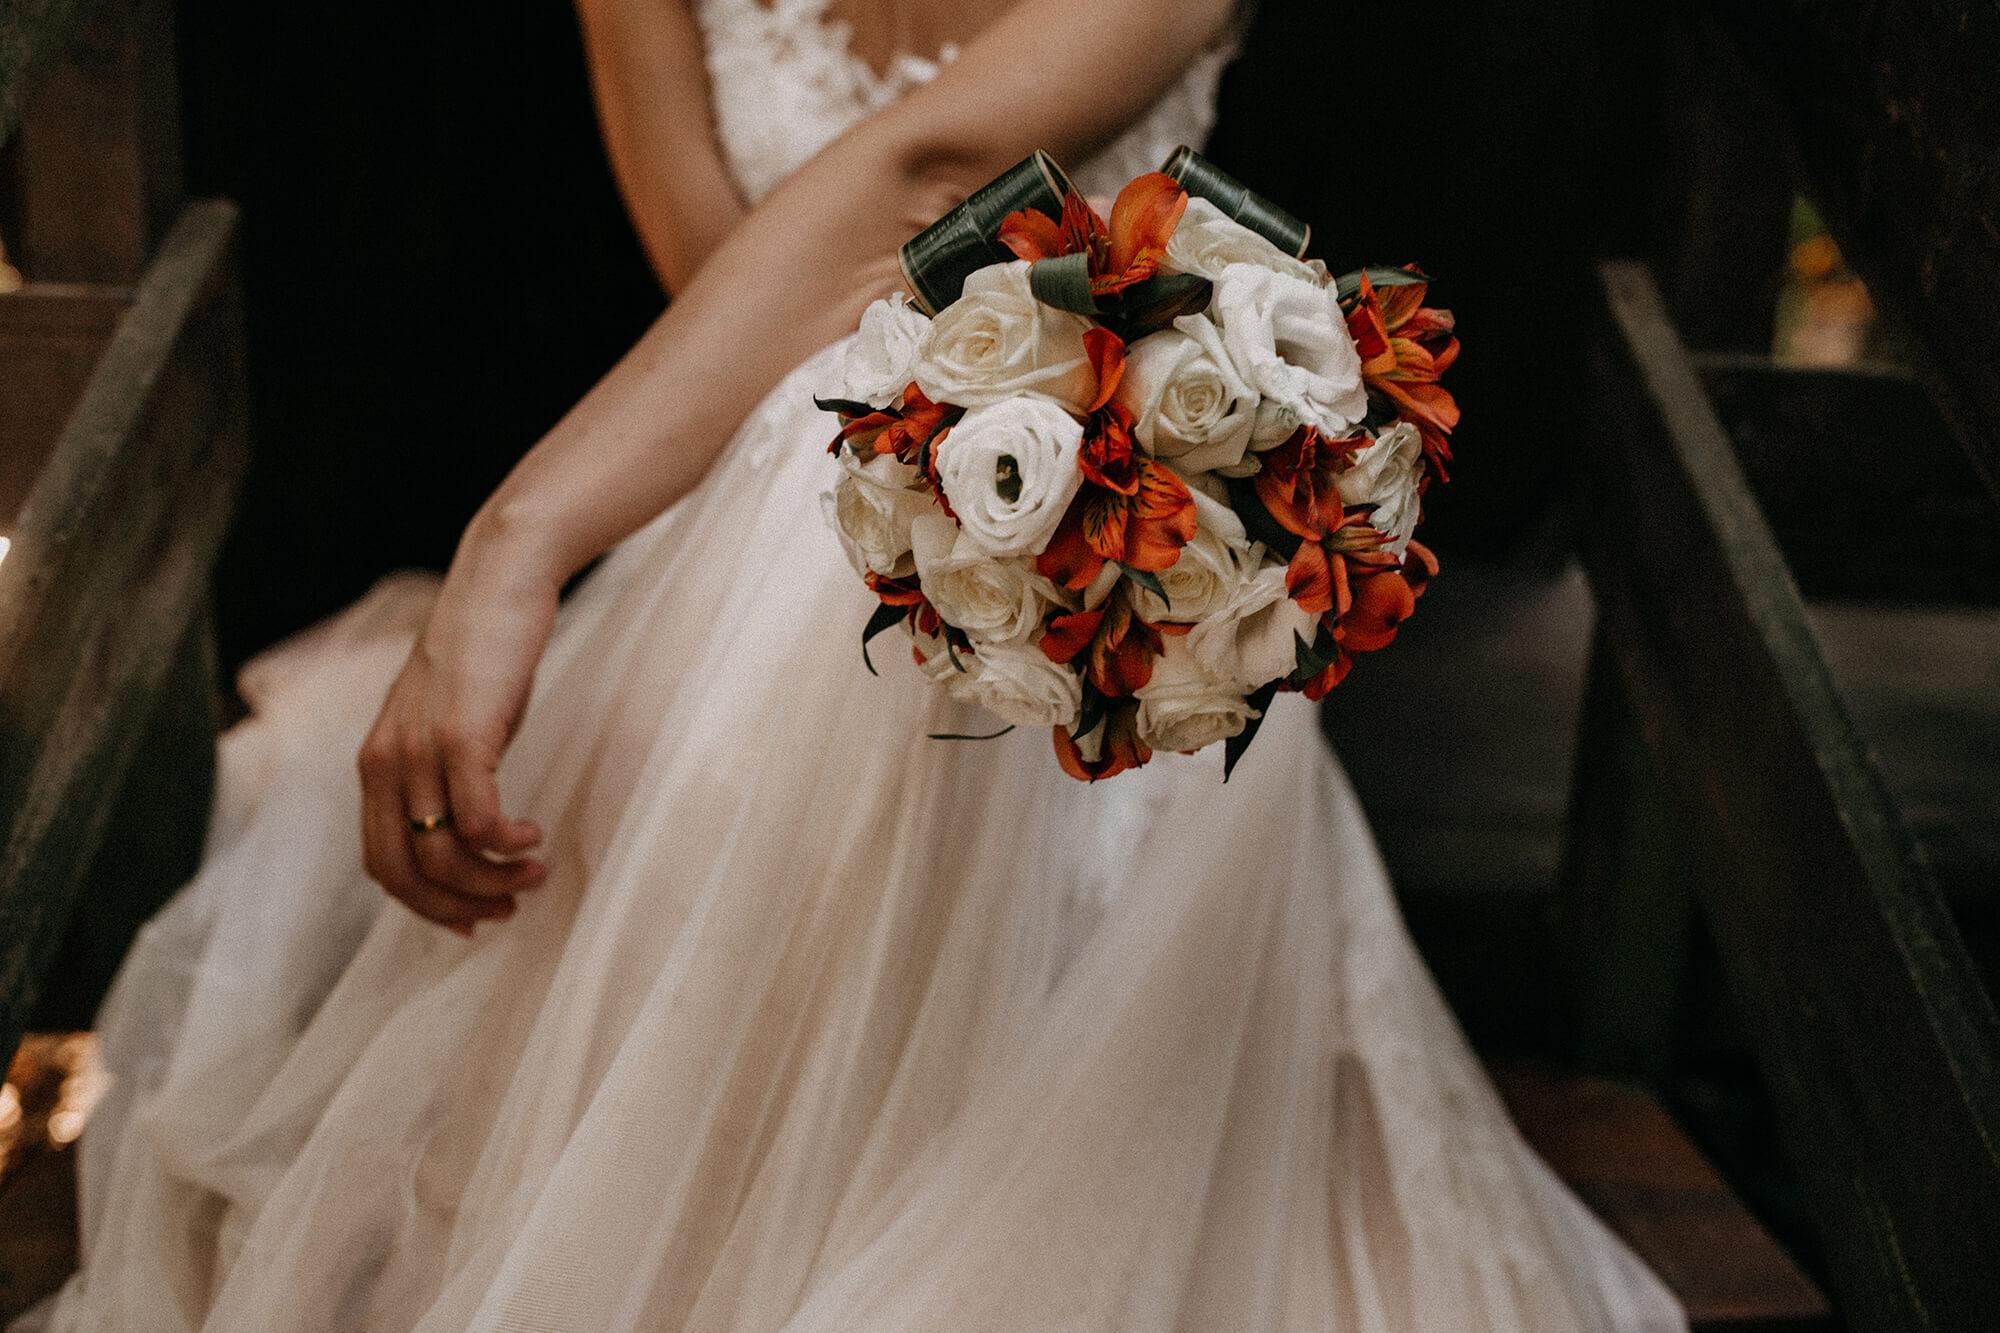 Fotografa di matrimonio, Verona Trento. Servizio fotografico di matrimonio. Hunny Pixel fotografia di matrimonio e di famiglia.